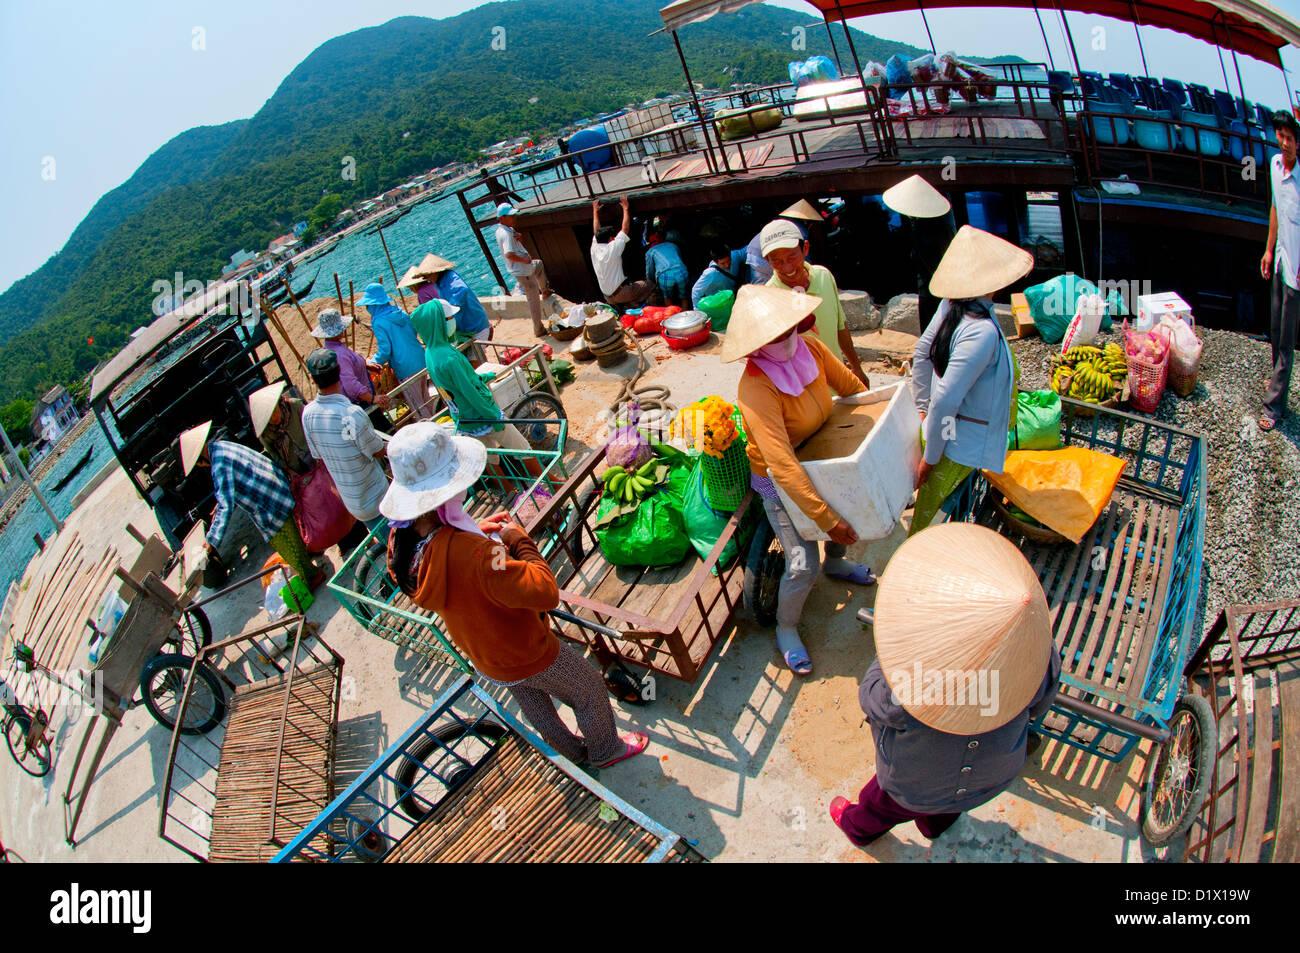 Vietnam, député, AJO Îles Cham, décharger le ferry quotidien dans le port Photo Stock